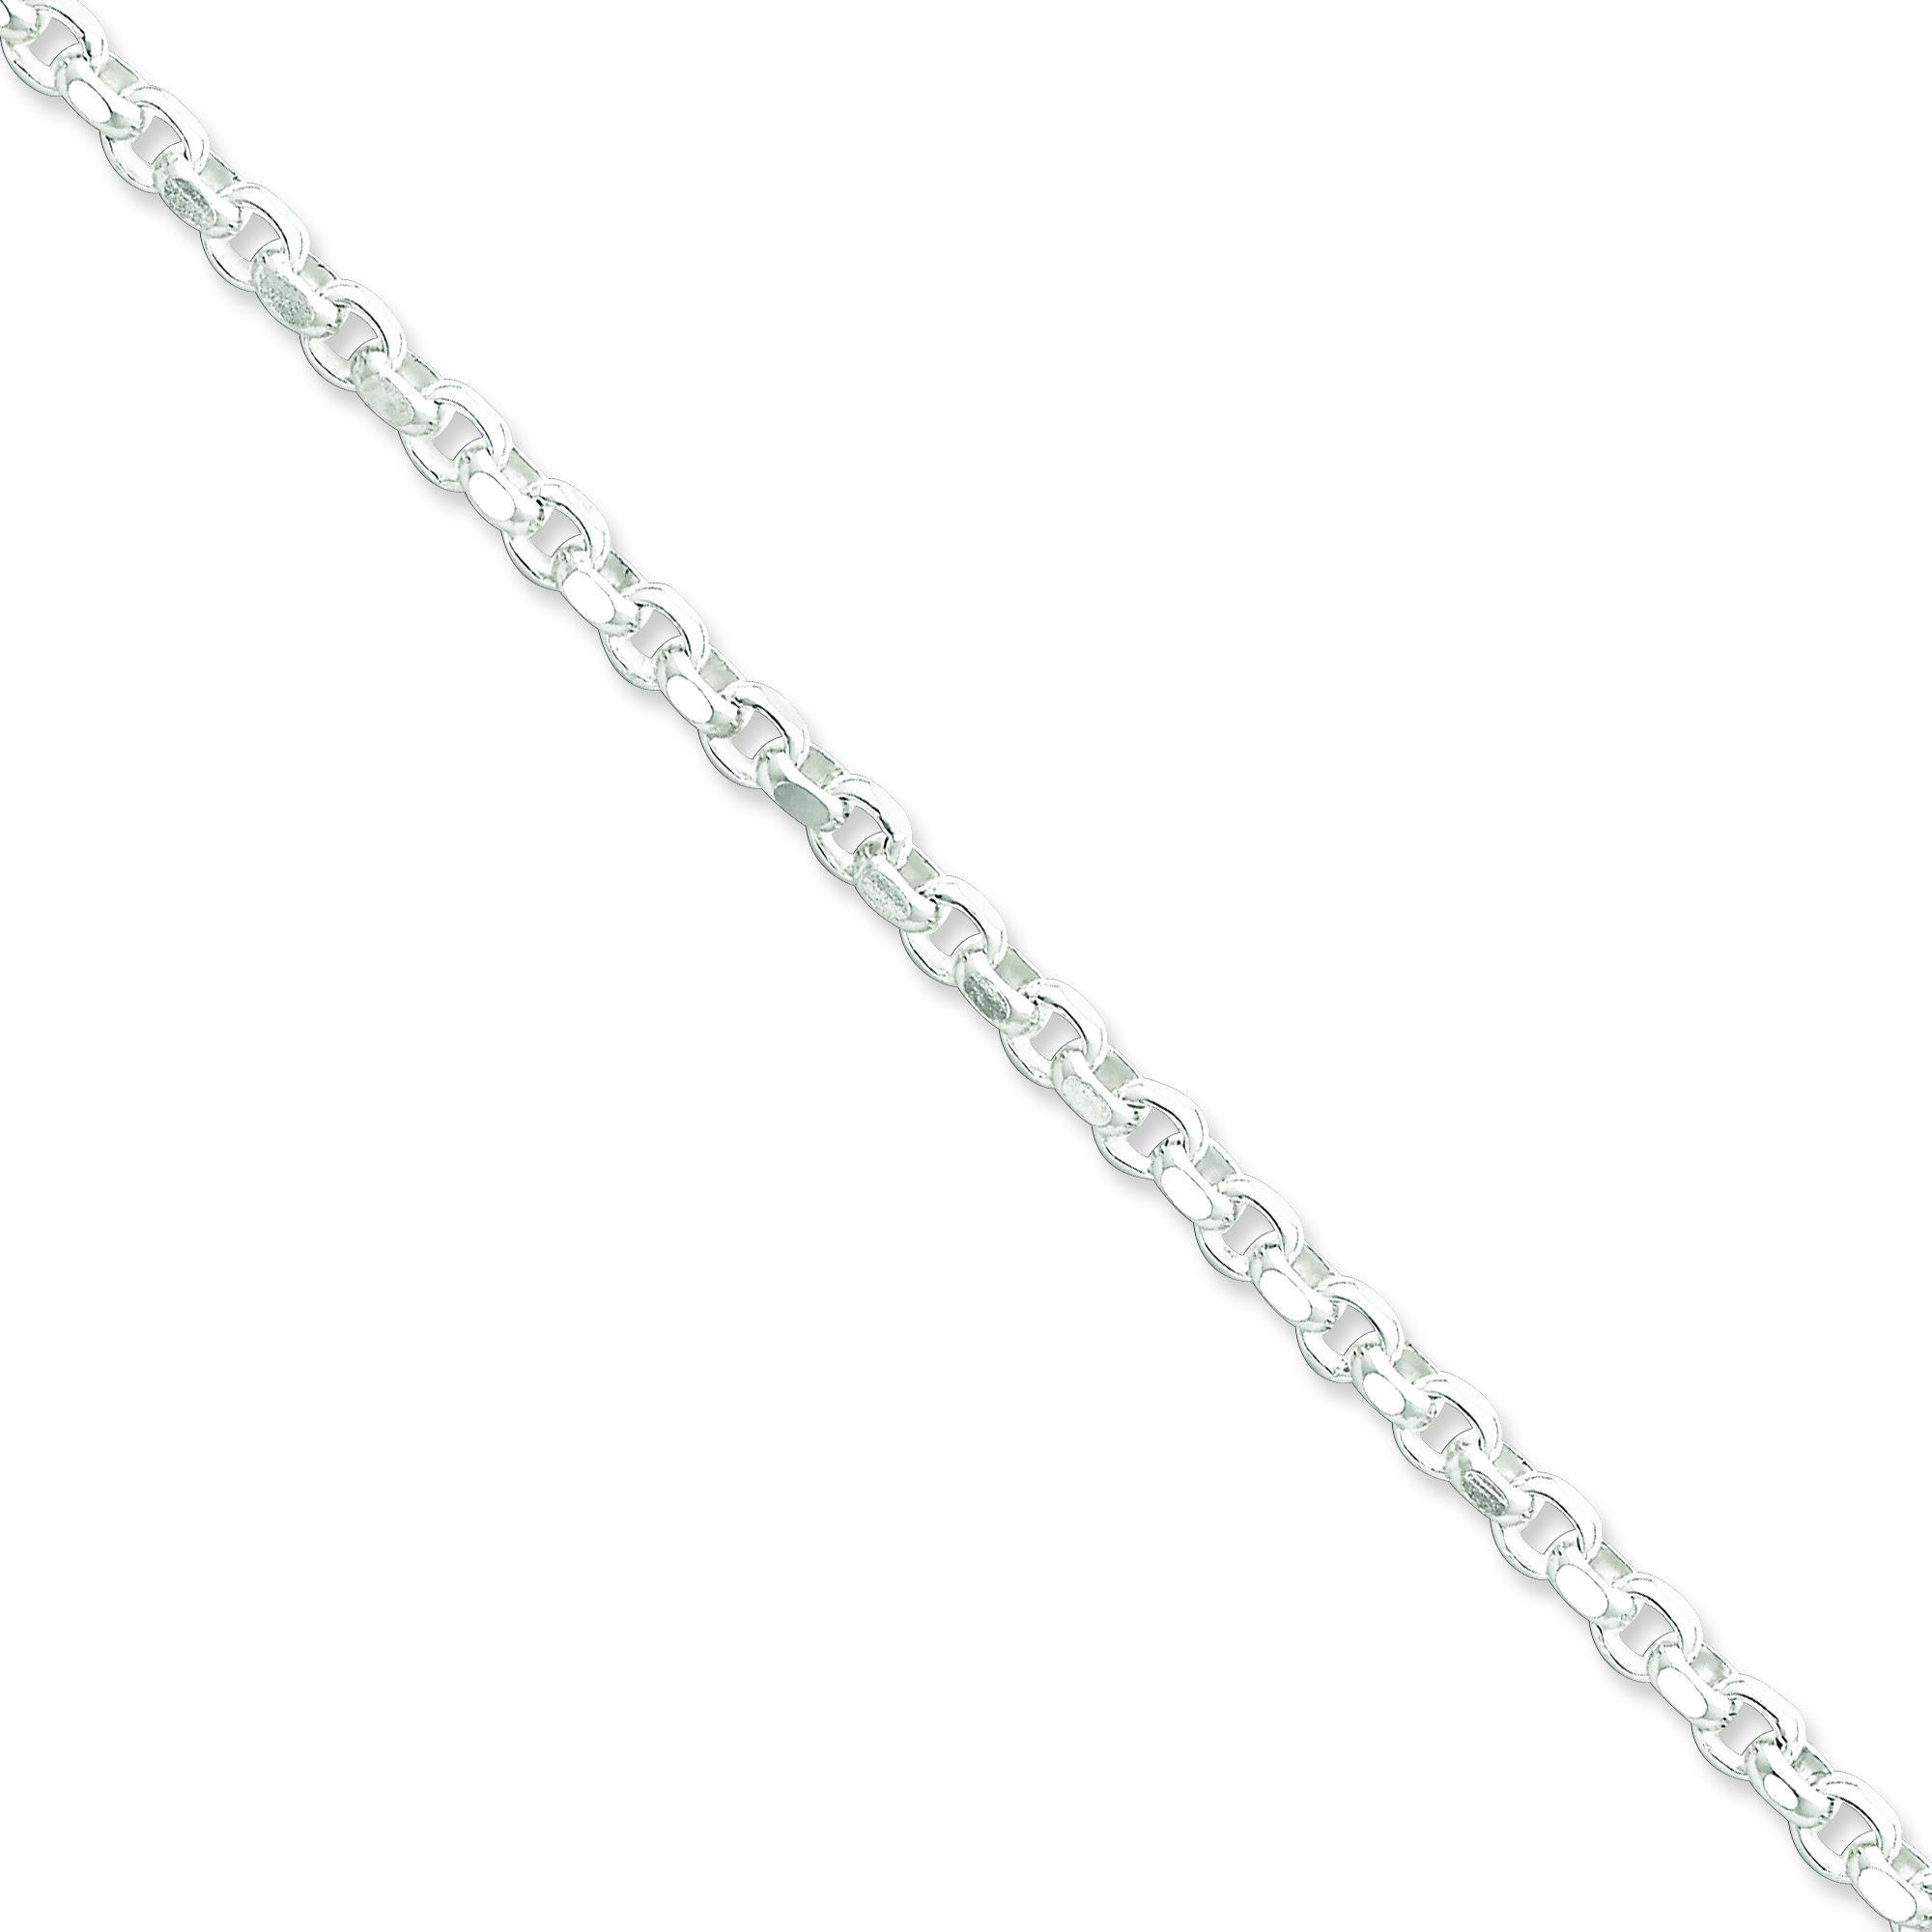 Sterling Silver 7 inch 4.00 mm Rolo Chain Bracelet